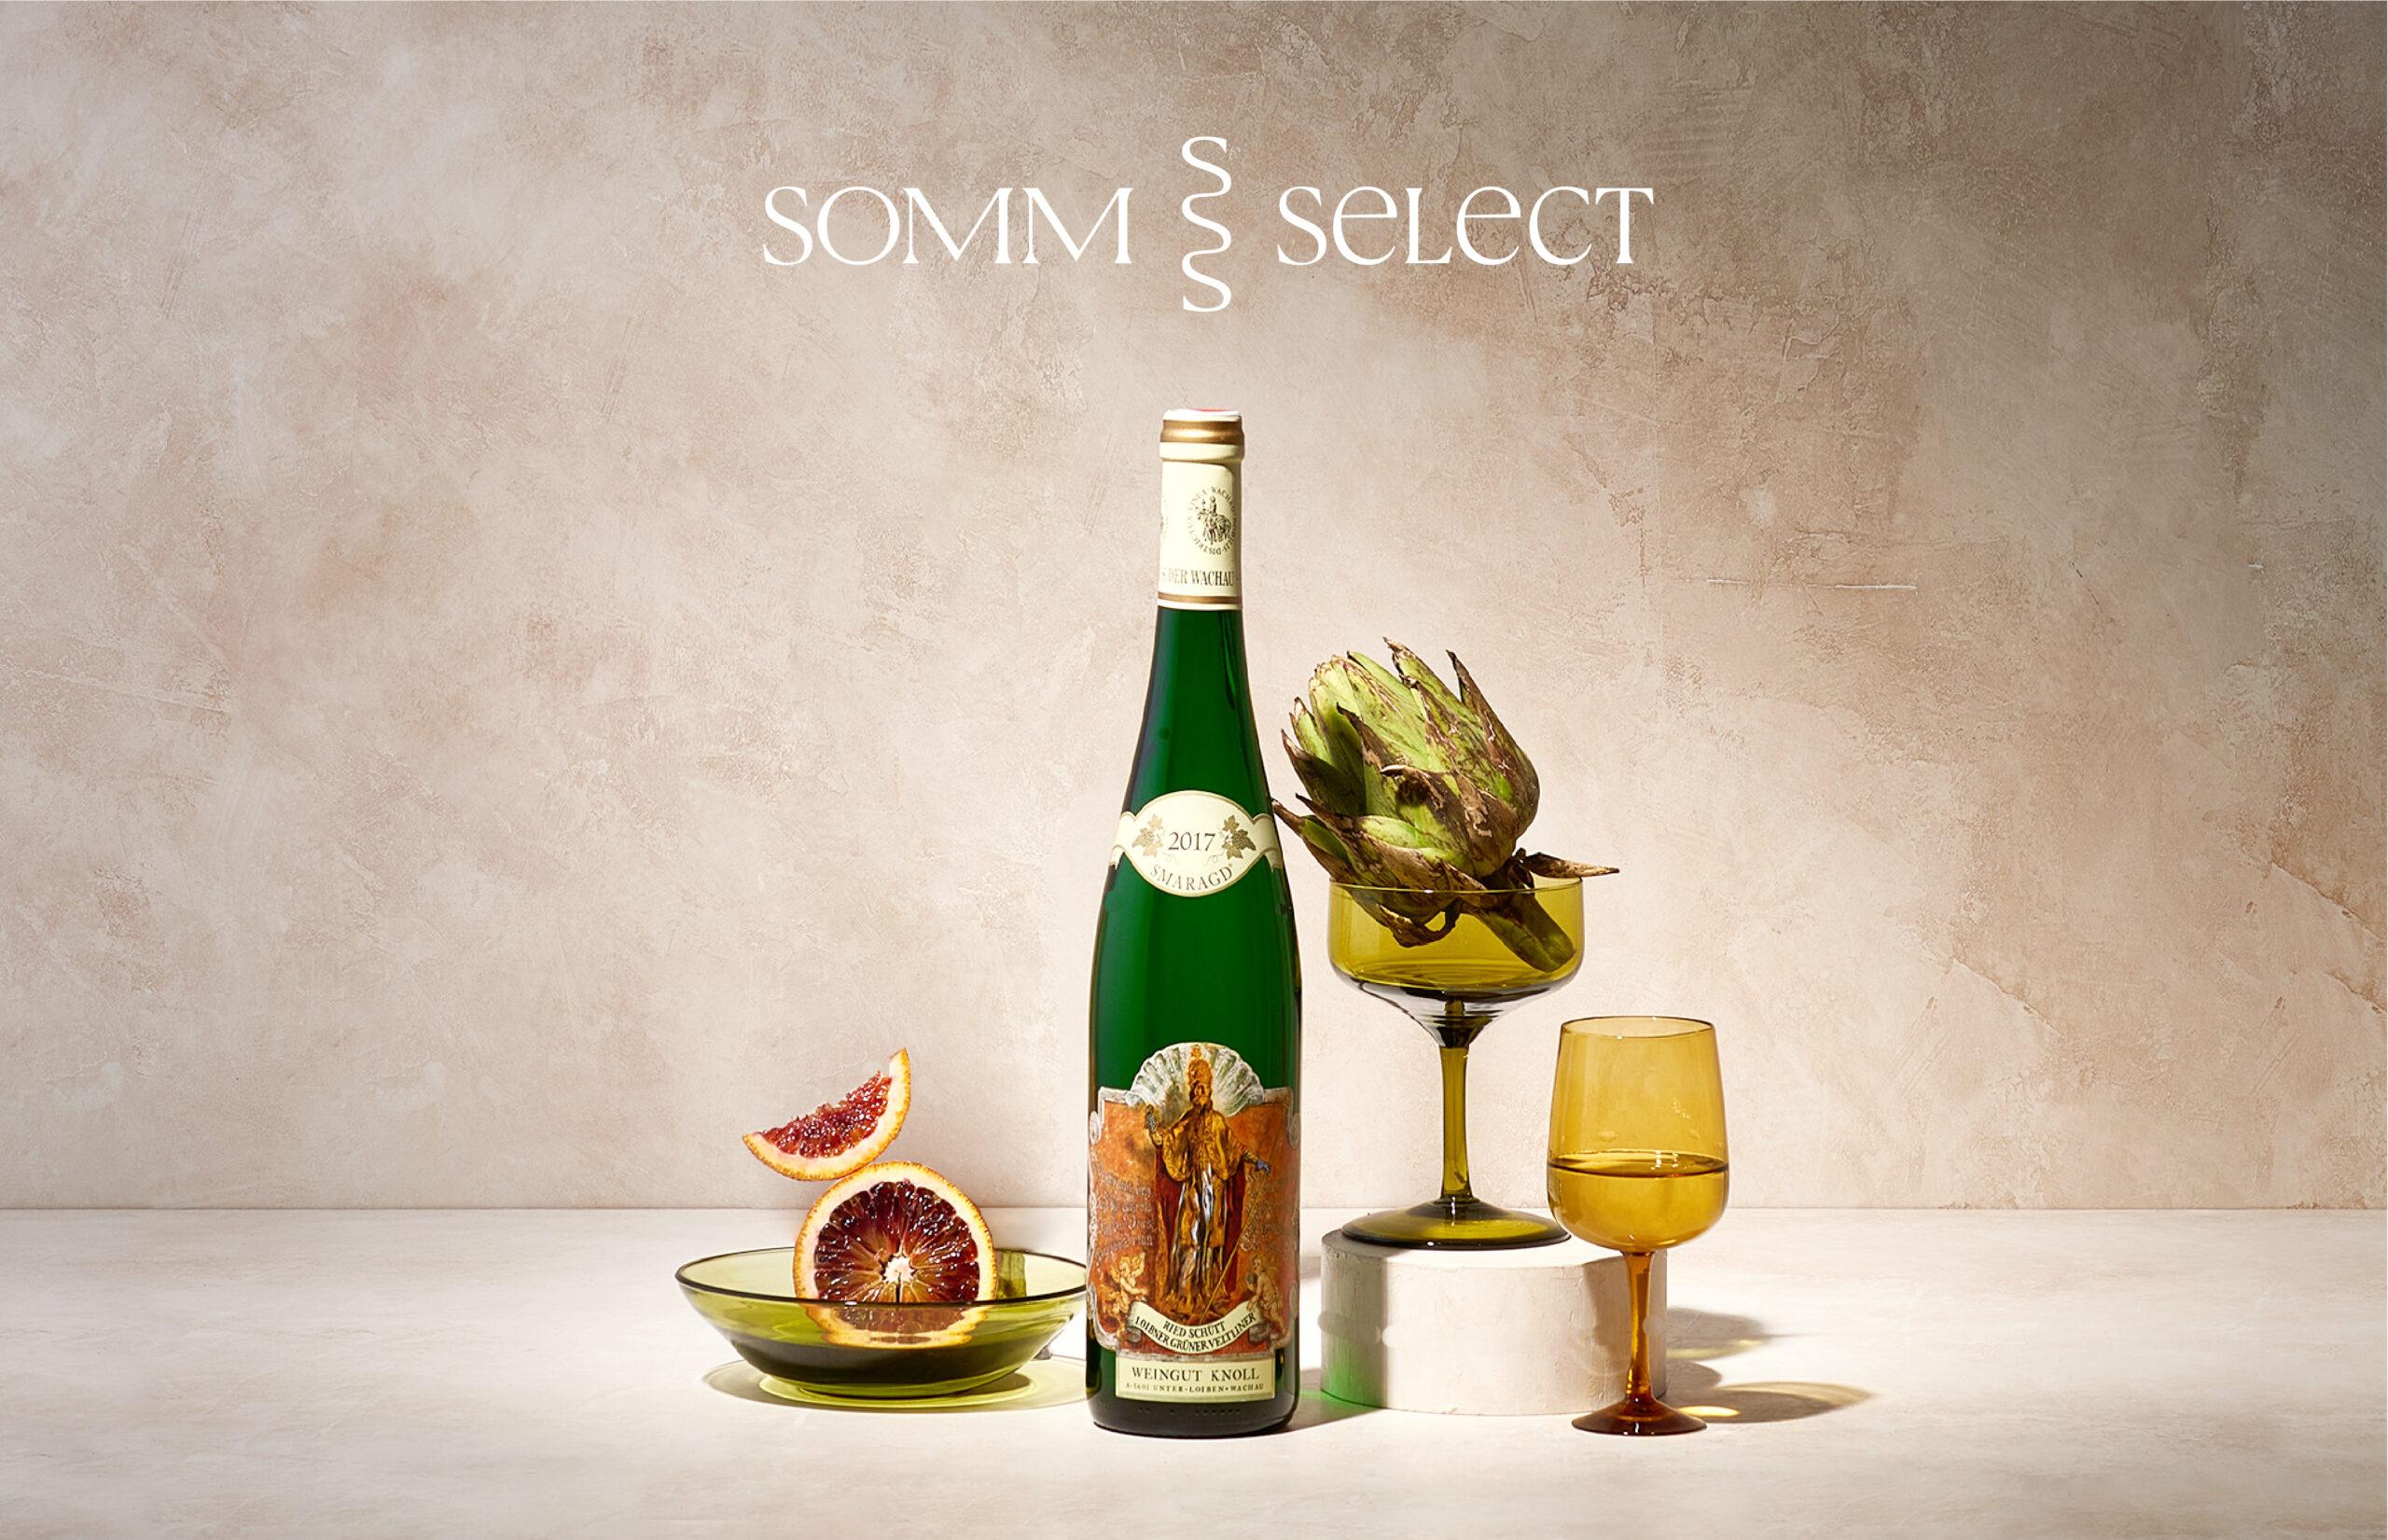 SommSelect Branding